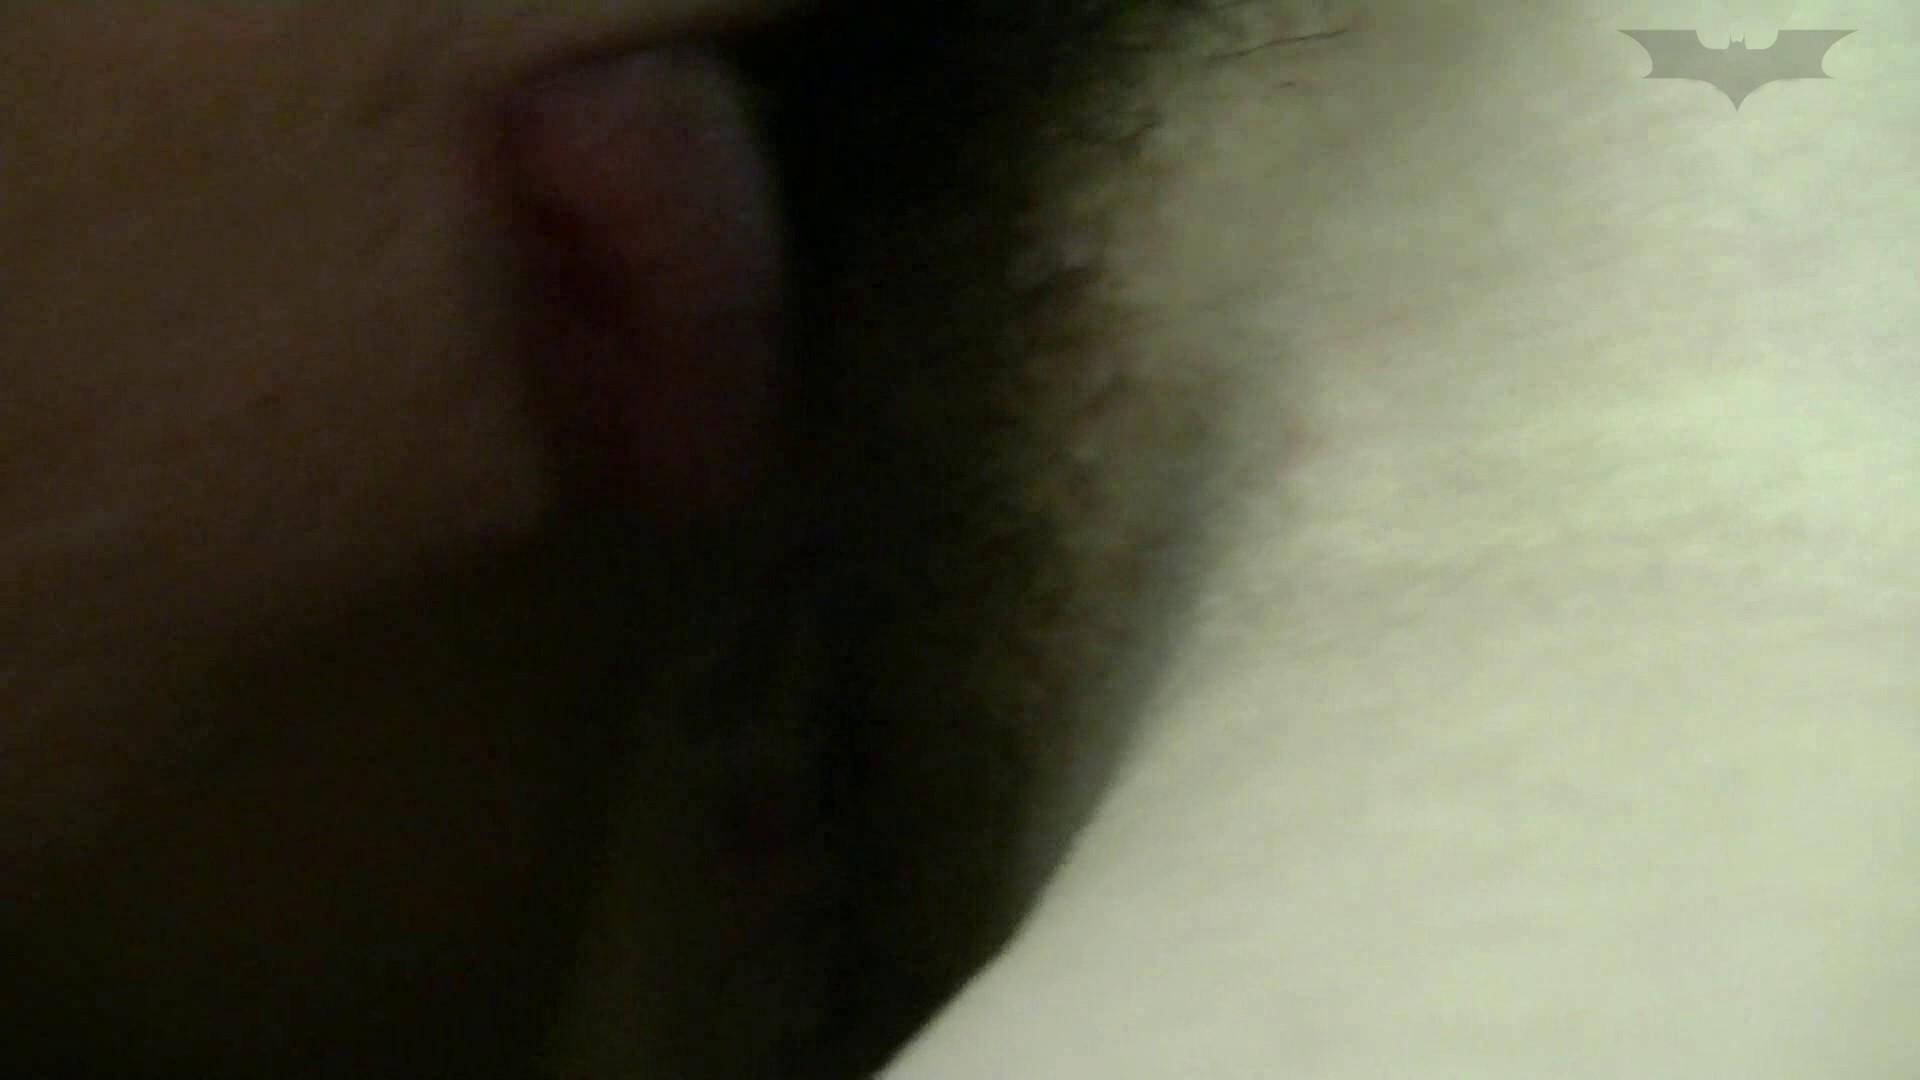 衝撃 半開きの目はガチです。 影 対 新妻裕香 高評価 SEX無修正画像 87画像 7